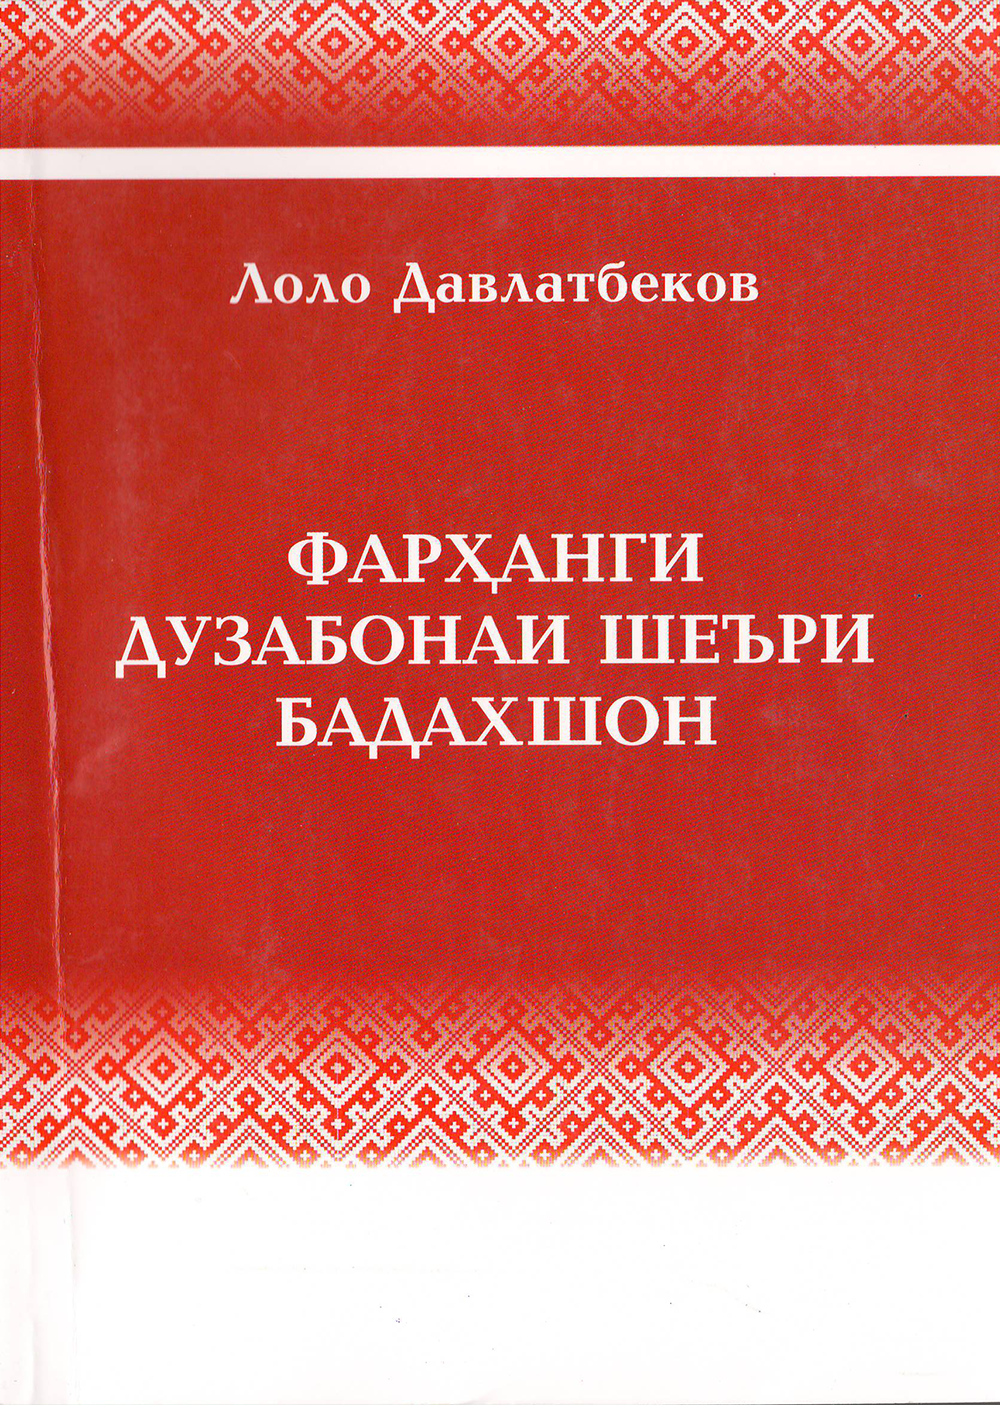 Фарҳанги дузабонаи шеъри Бадахшон